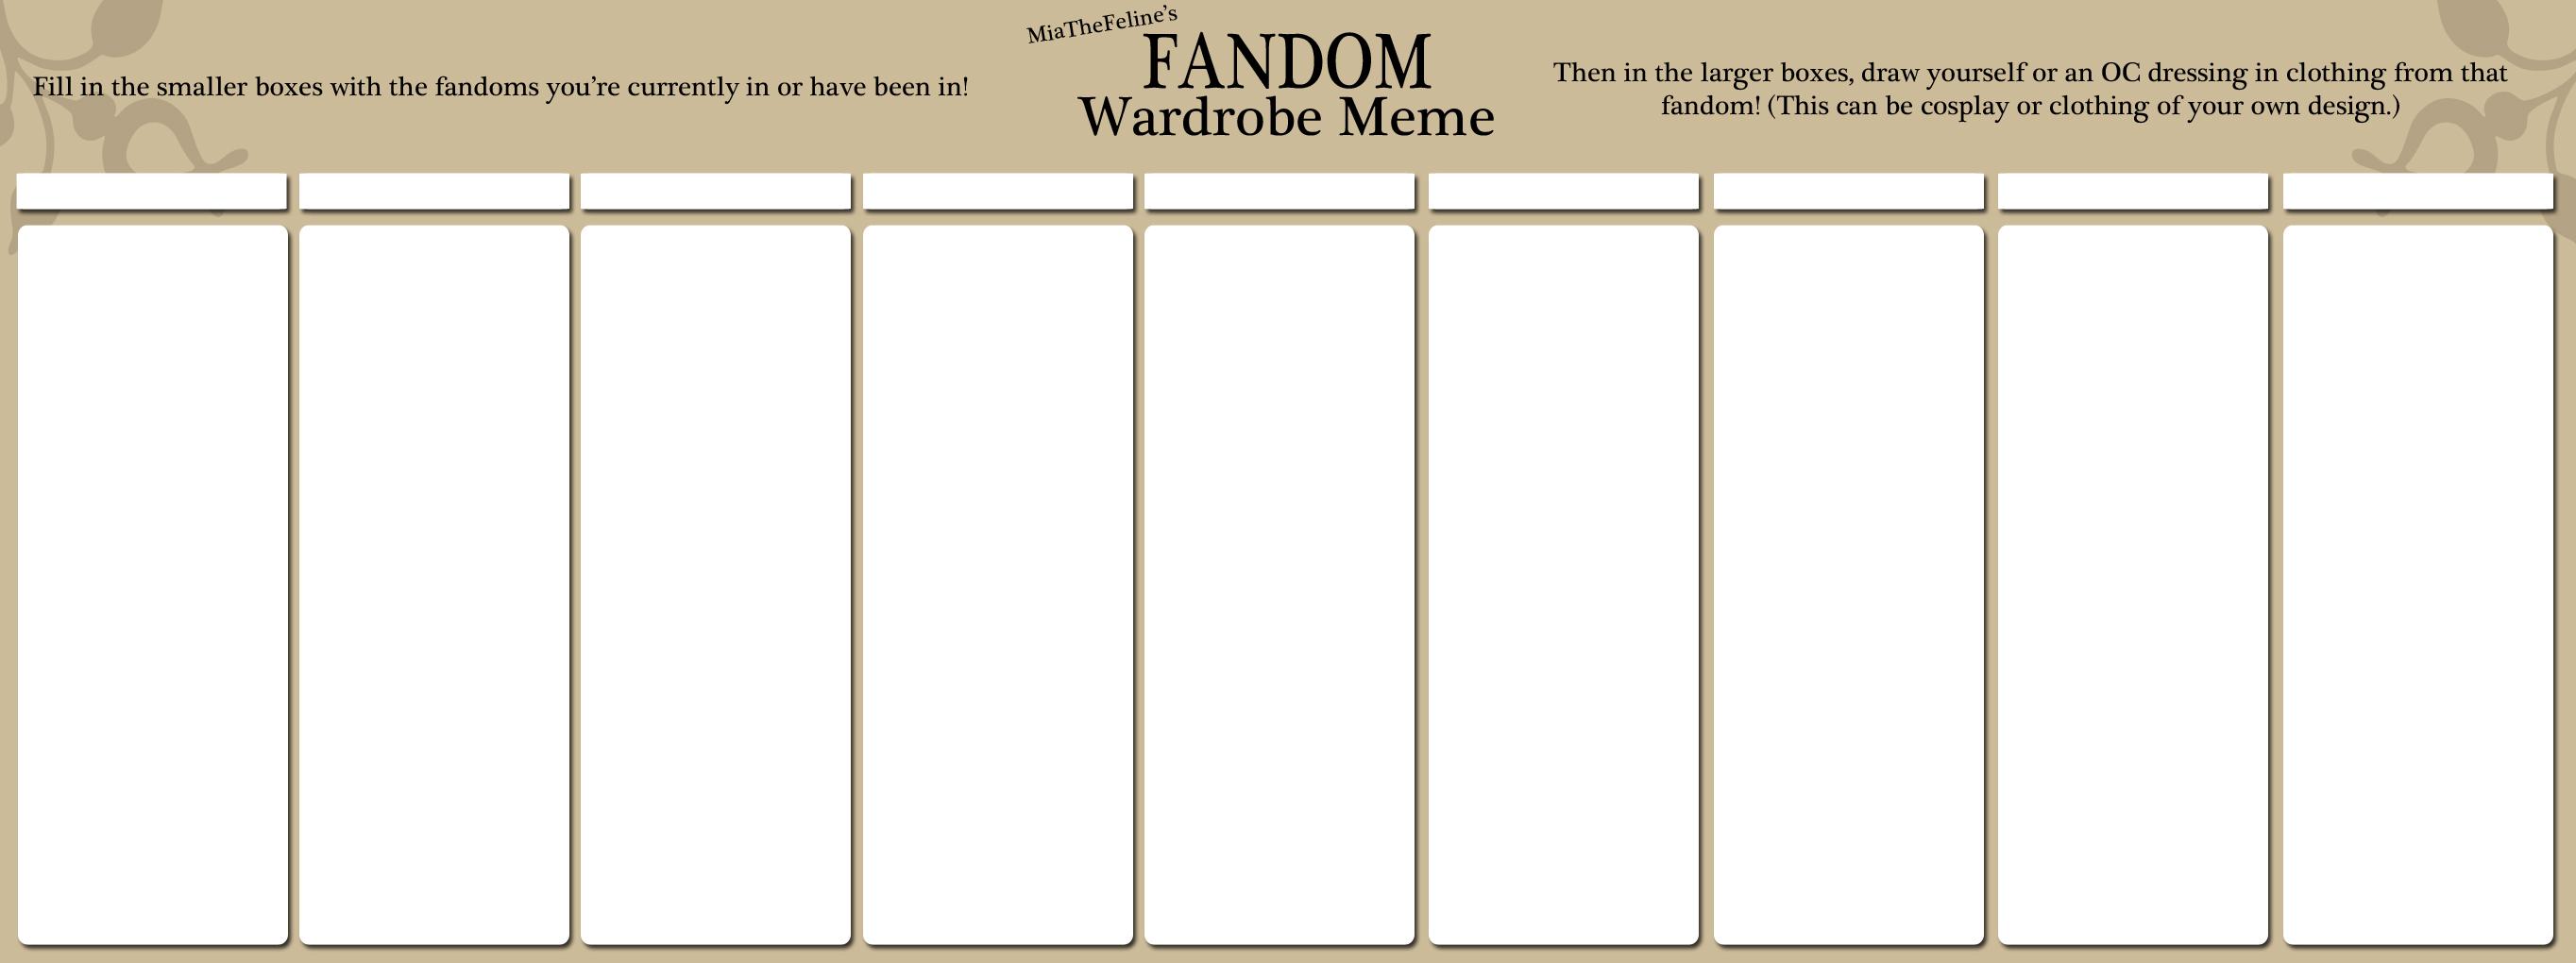 Fandom Wardrobe Meme Blank By MiaTheFeline On DeviantArt